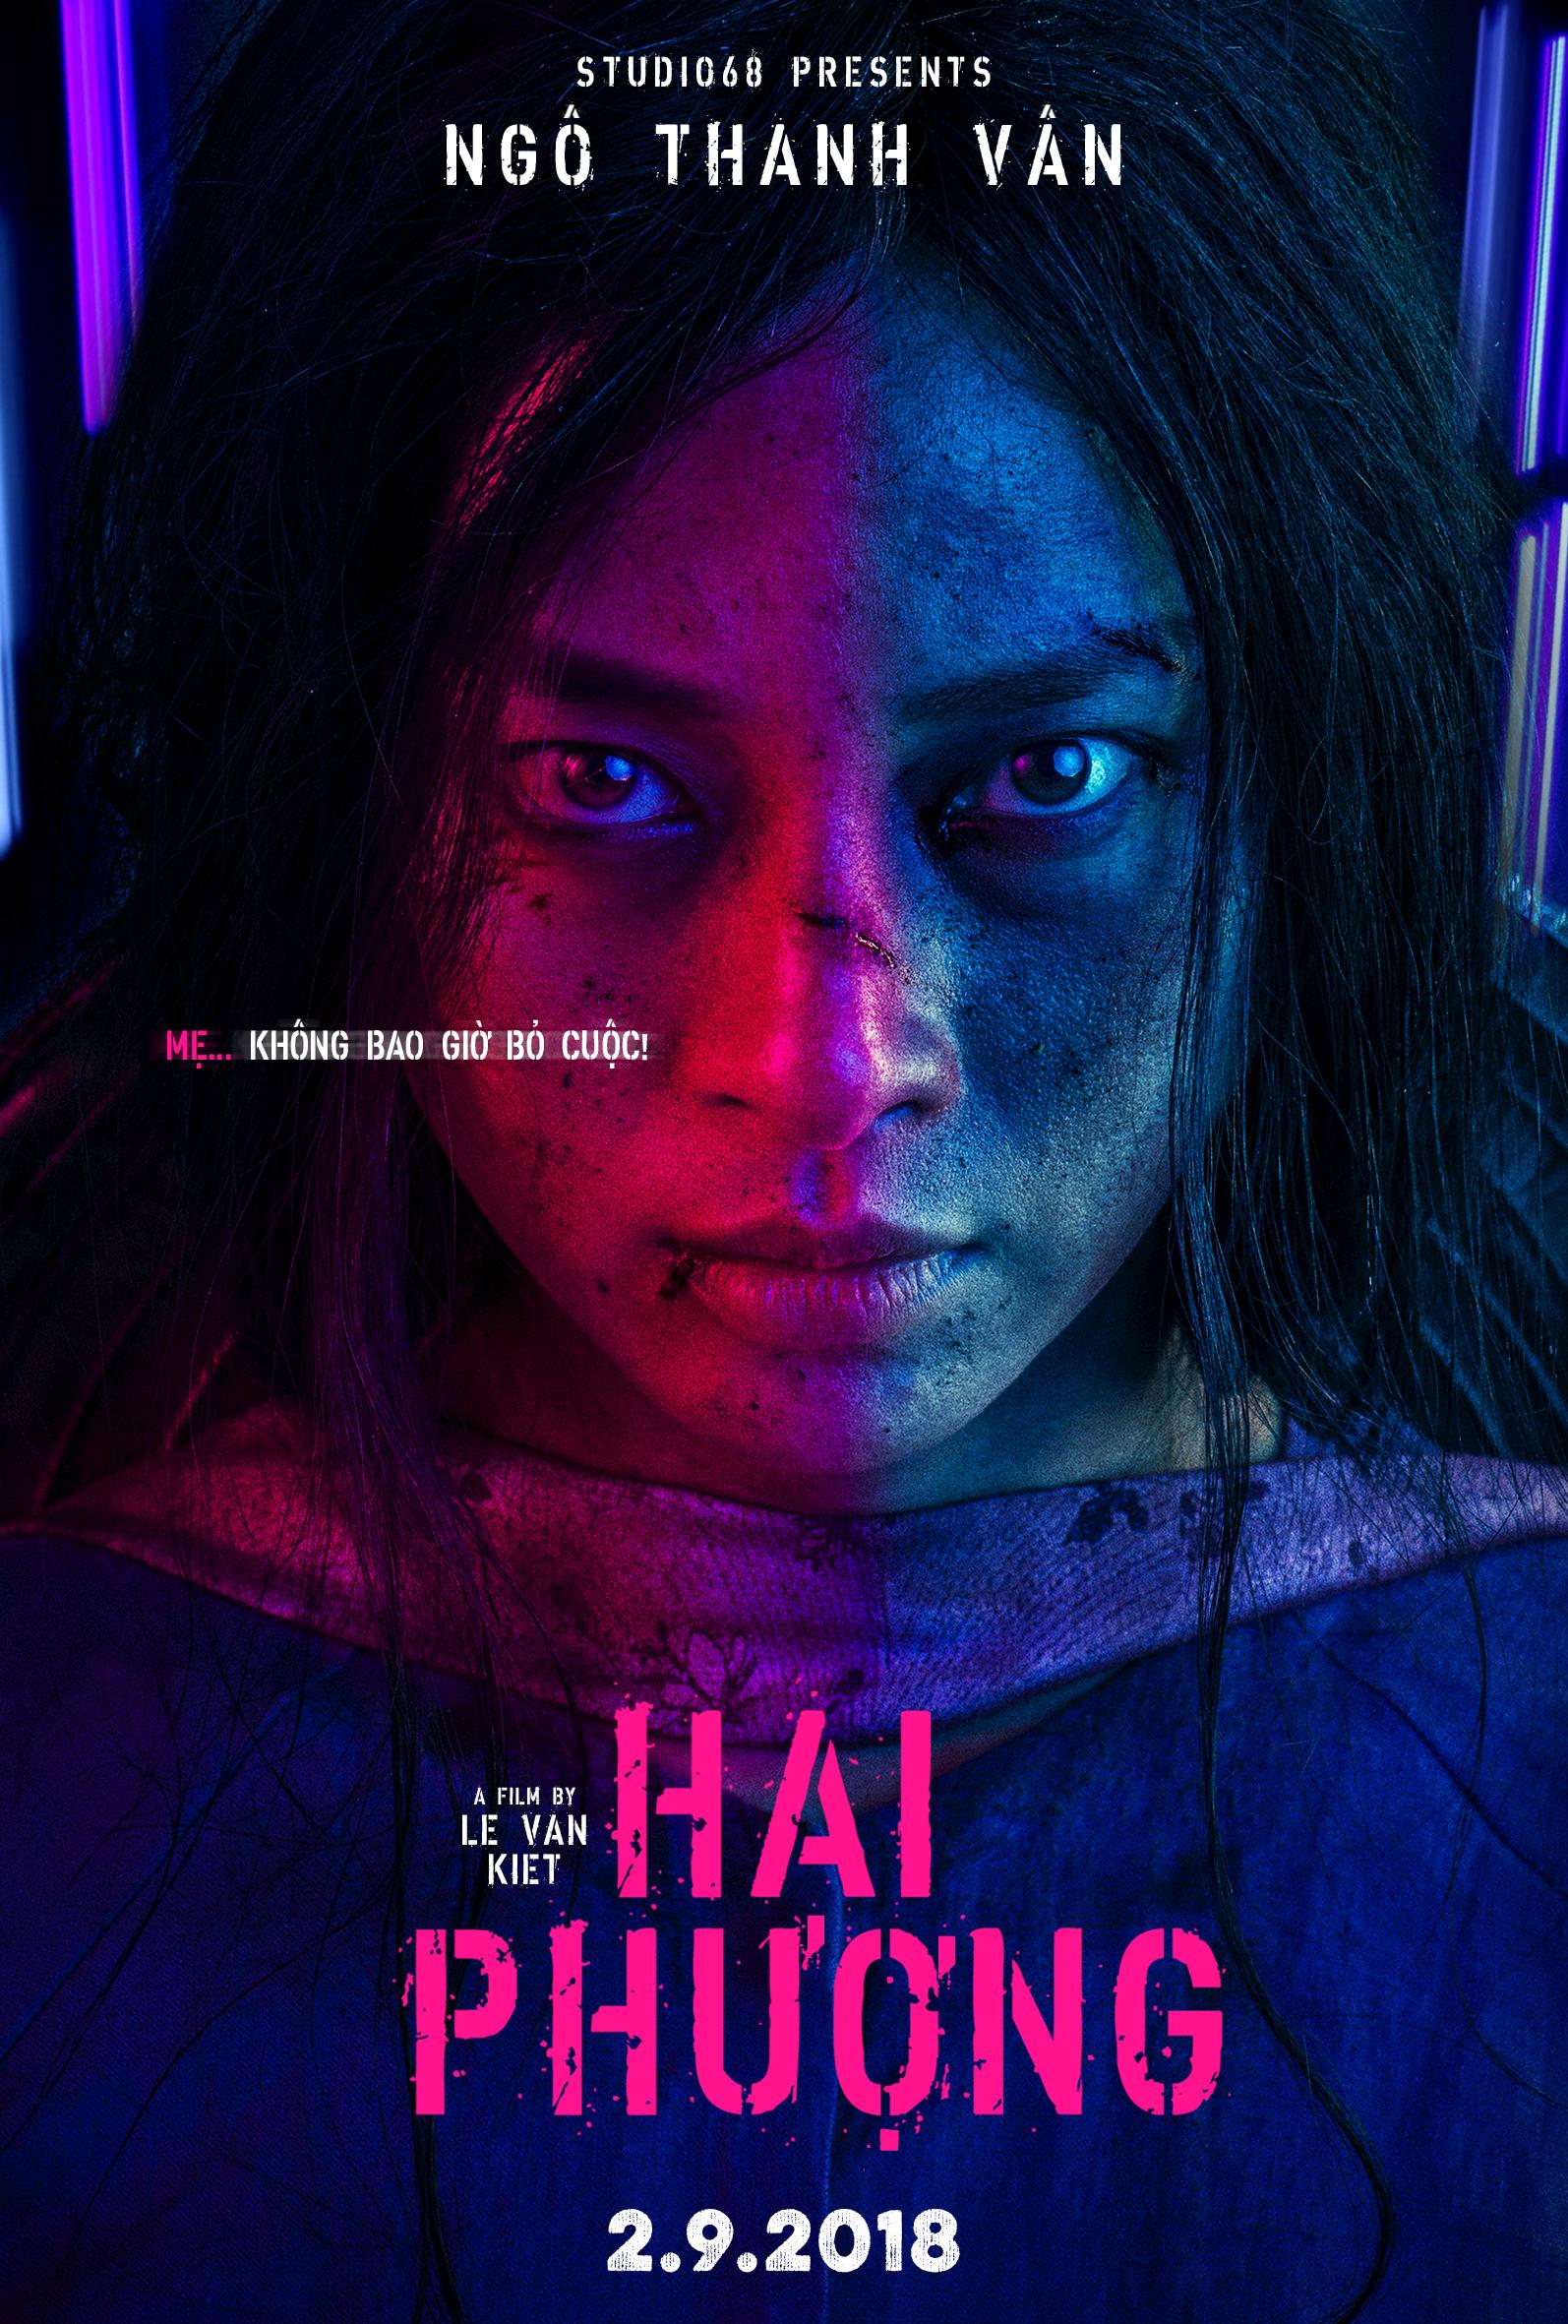 Chỉ vừa đóng máy, phim 'Hai Phượng' của Ngô Thanh Vân đã được rao bán tại Cannes 2018